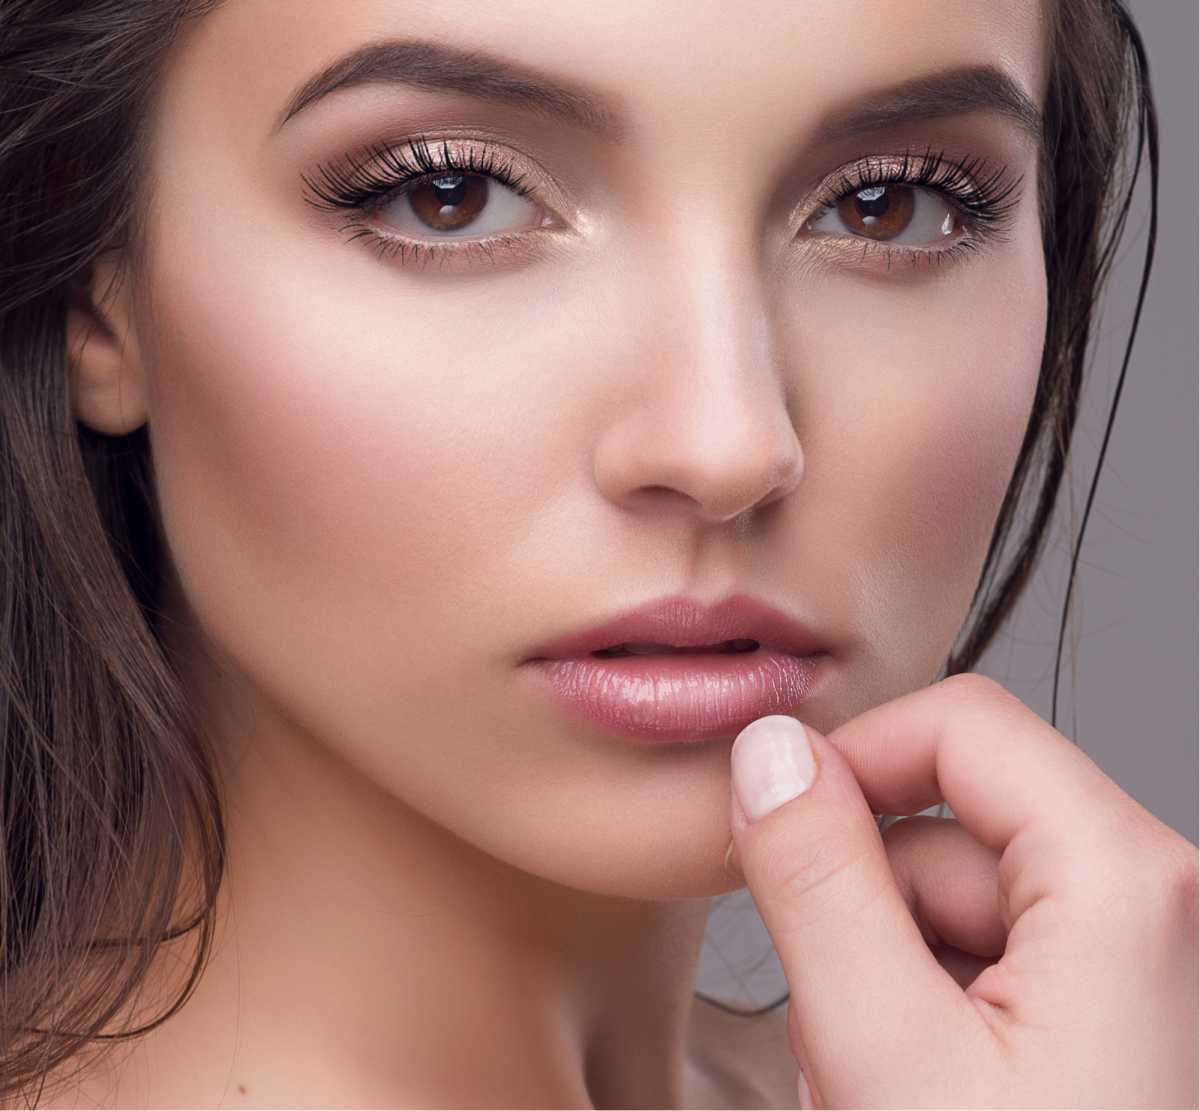 maquiagem perfeita para o dia a dia